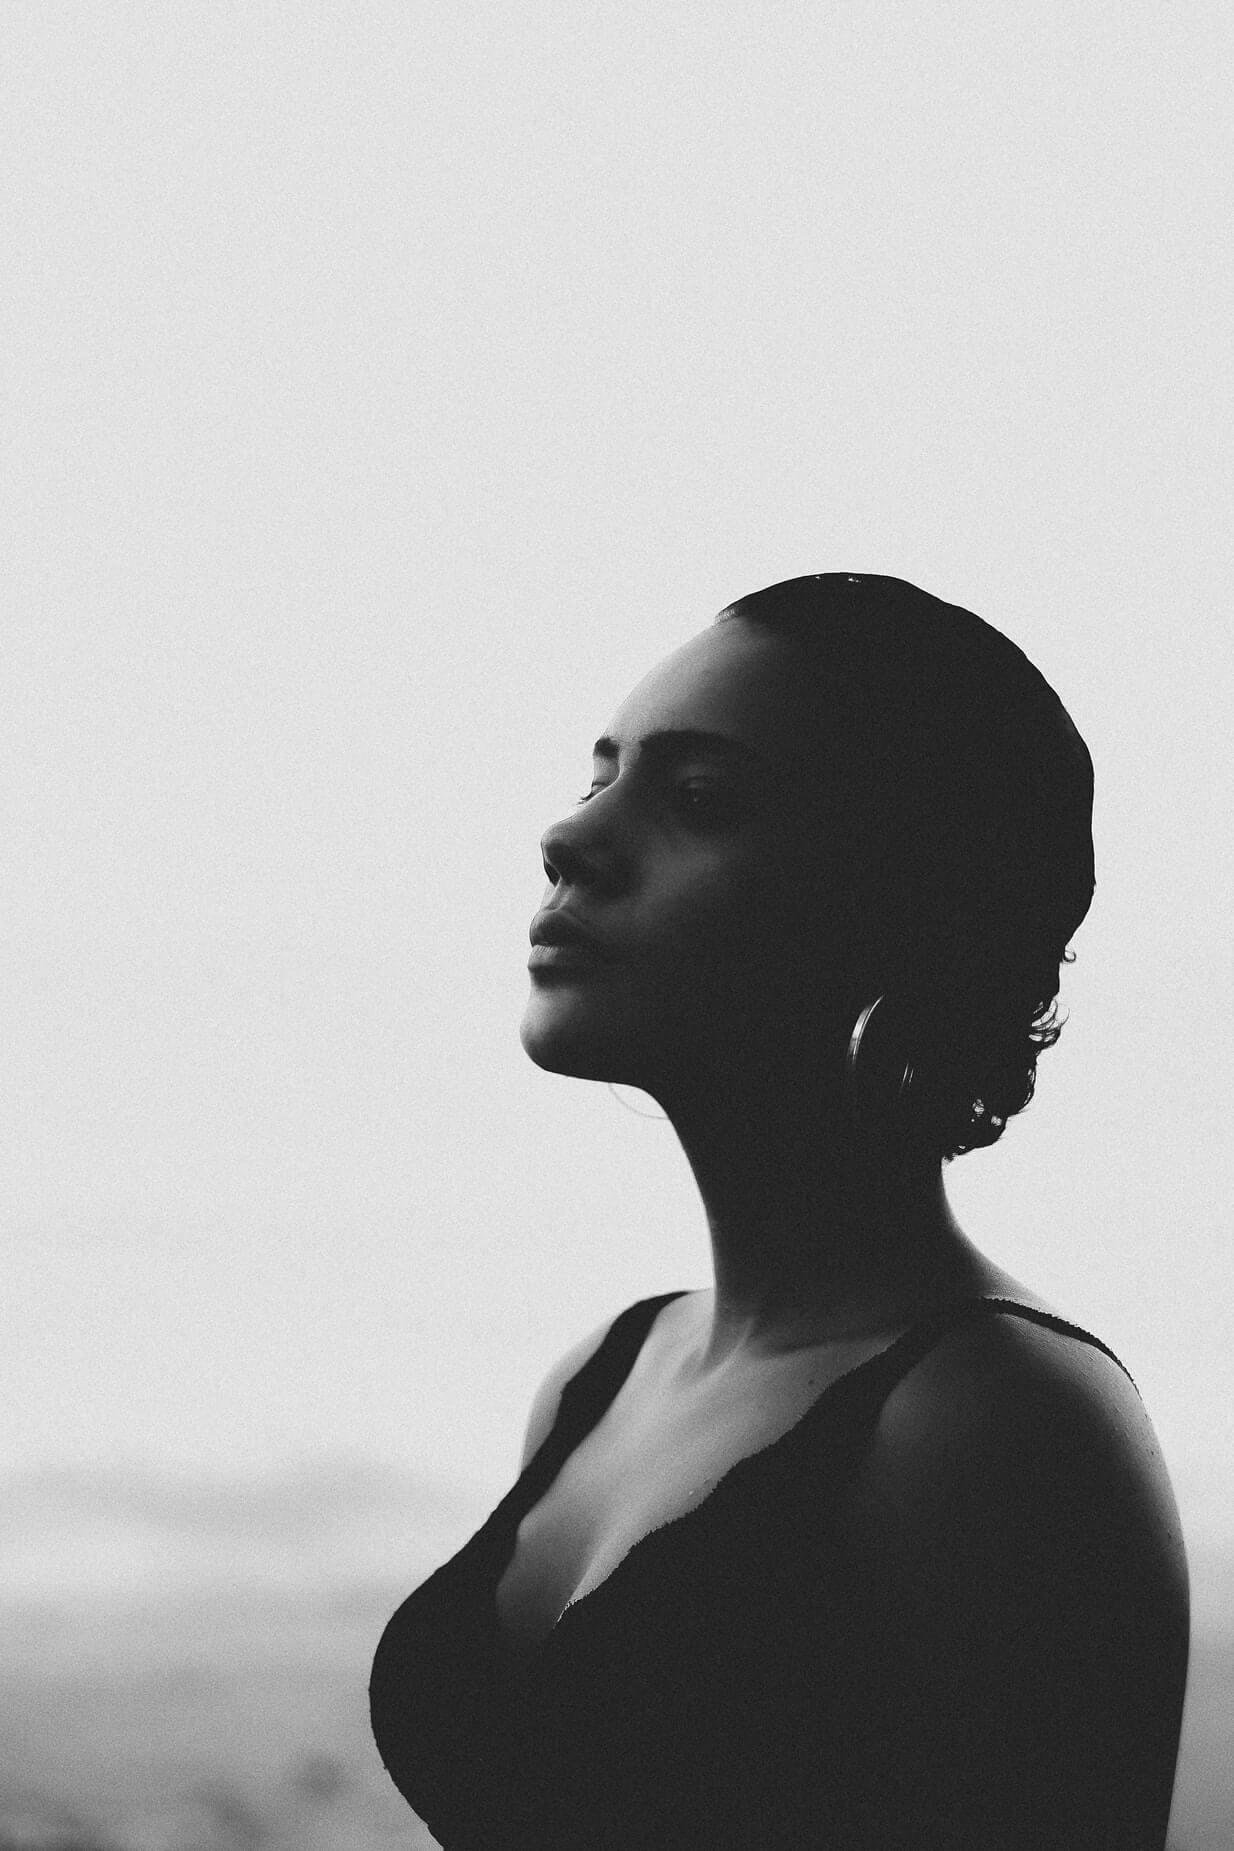 black-white-person-portrait